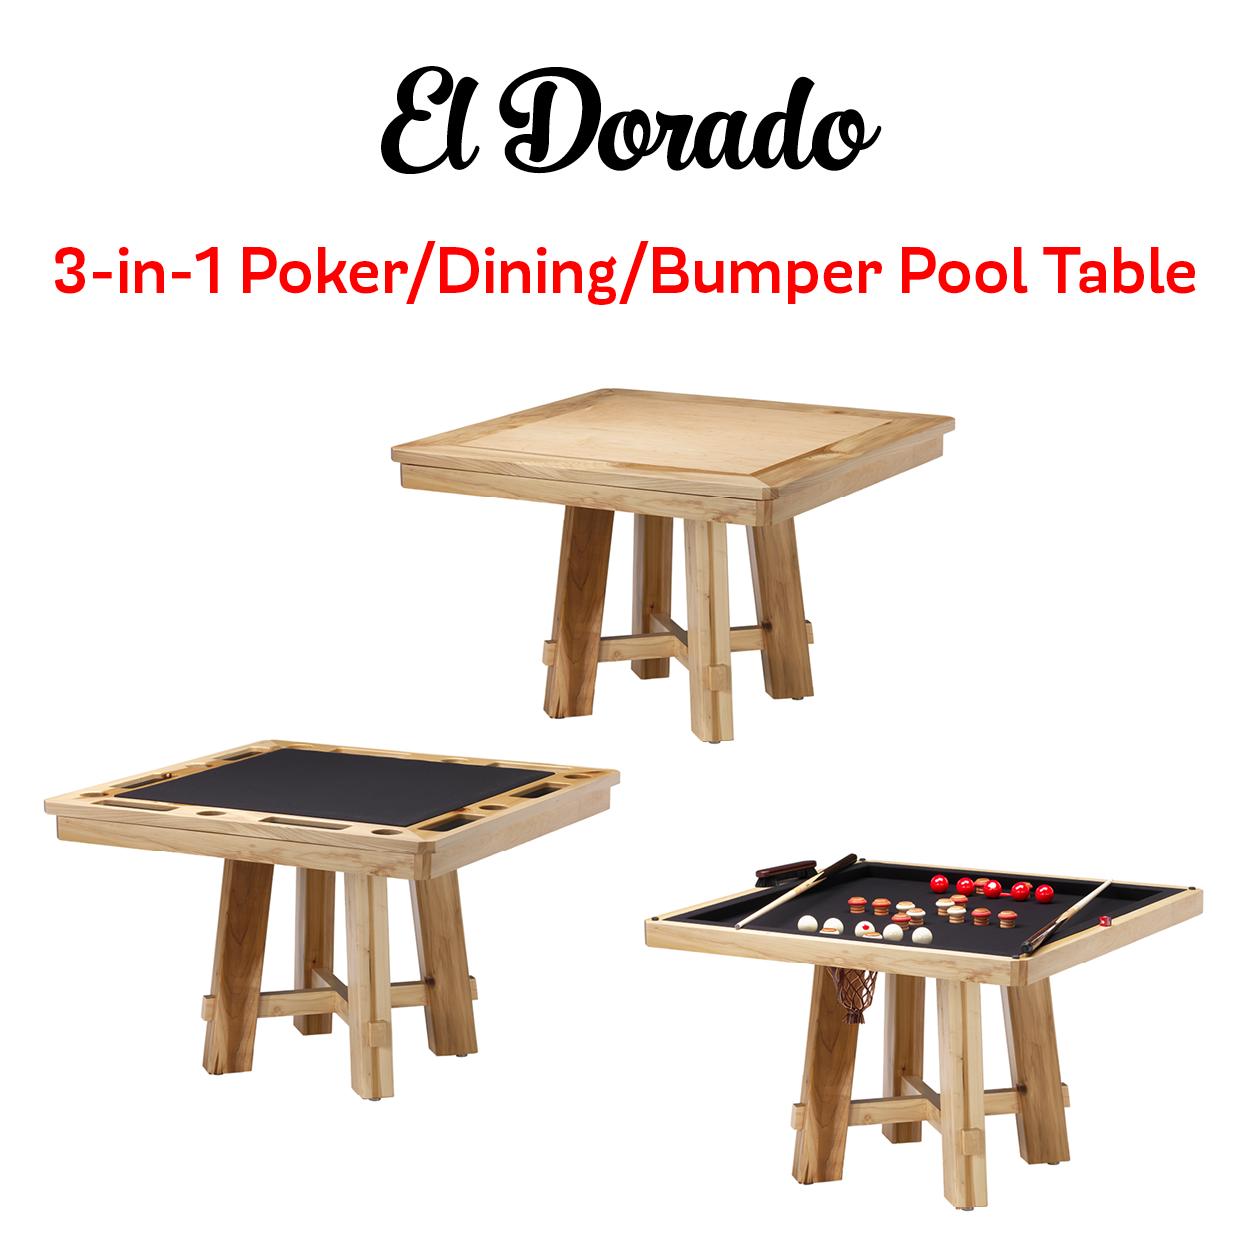 The darafeev el dorado combination game table comes in a variety of